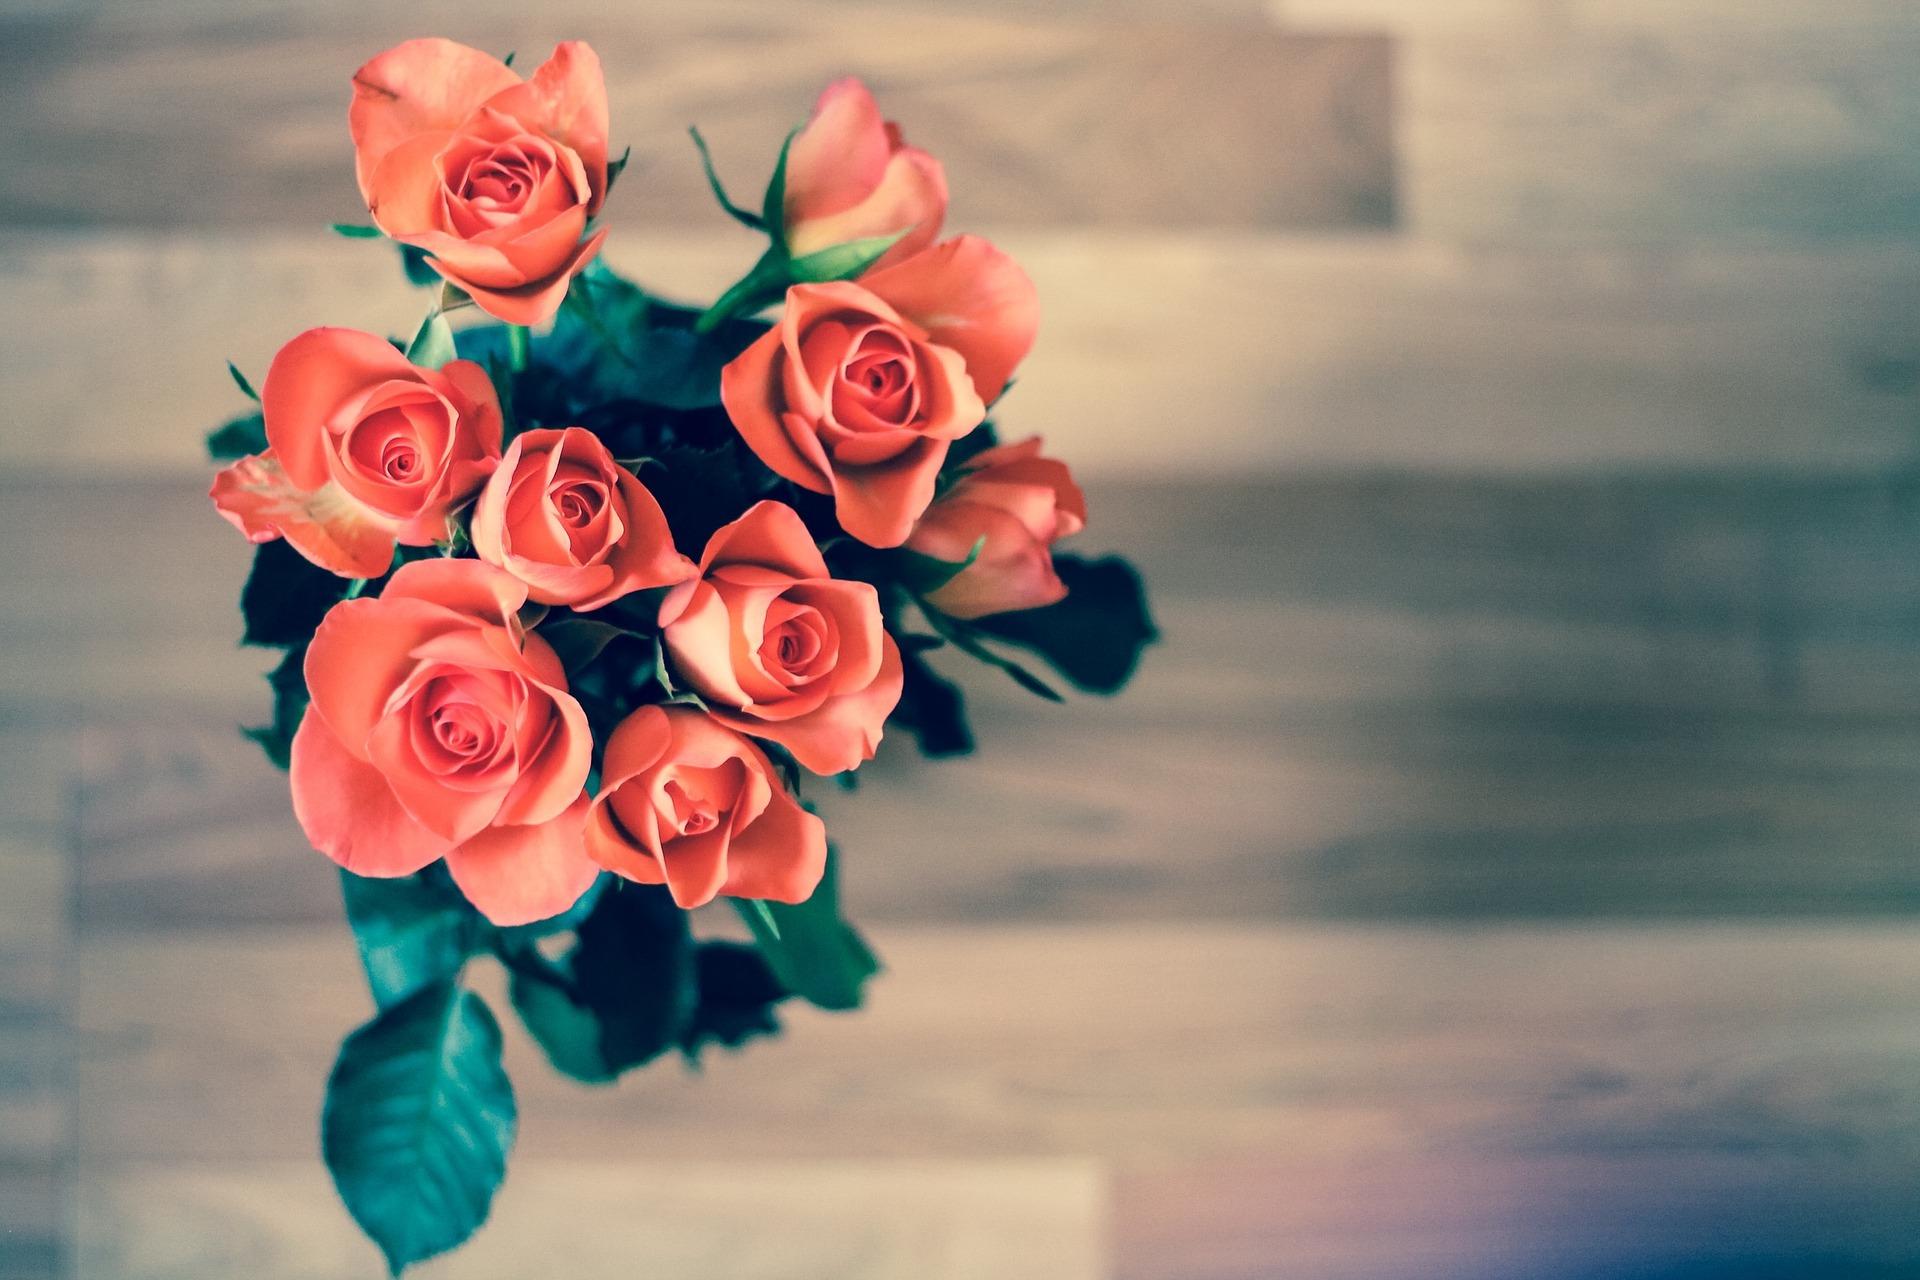 roses-690085_1920.jpg